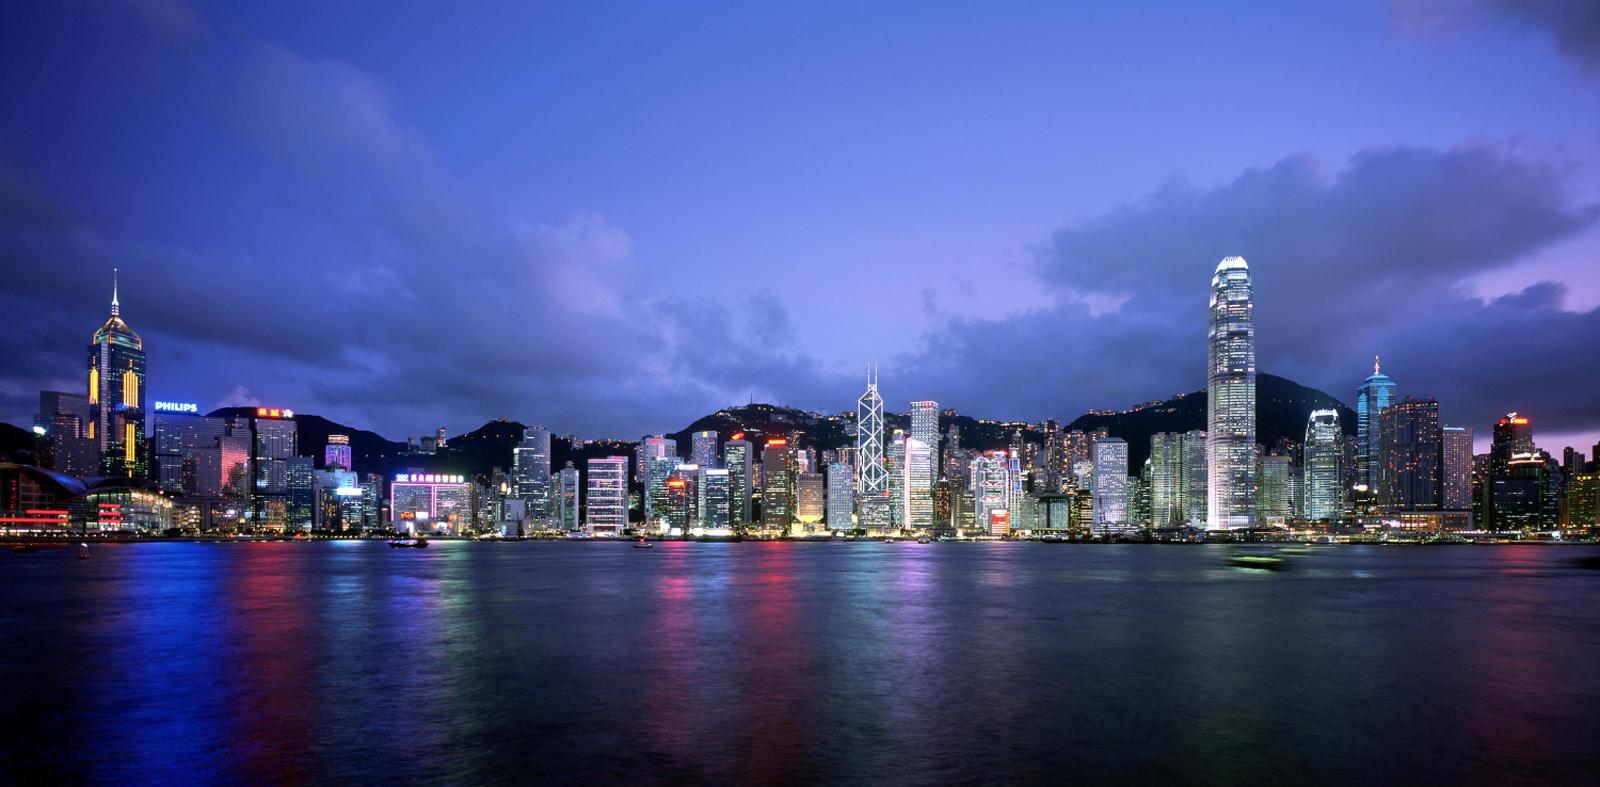 香港天際線 - 夜